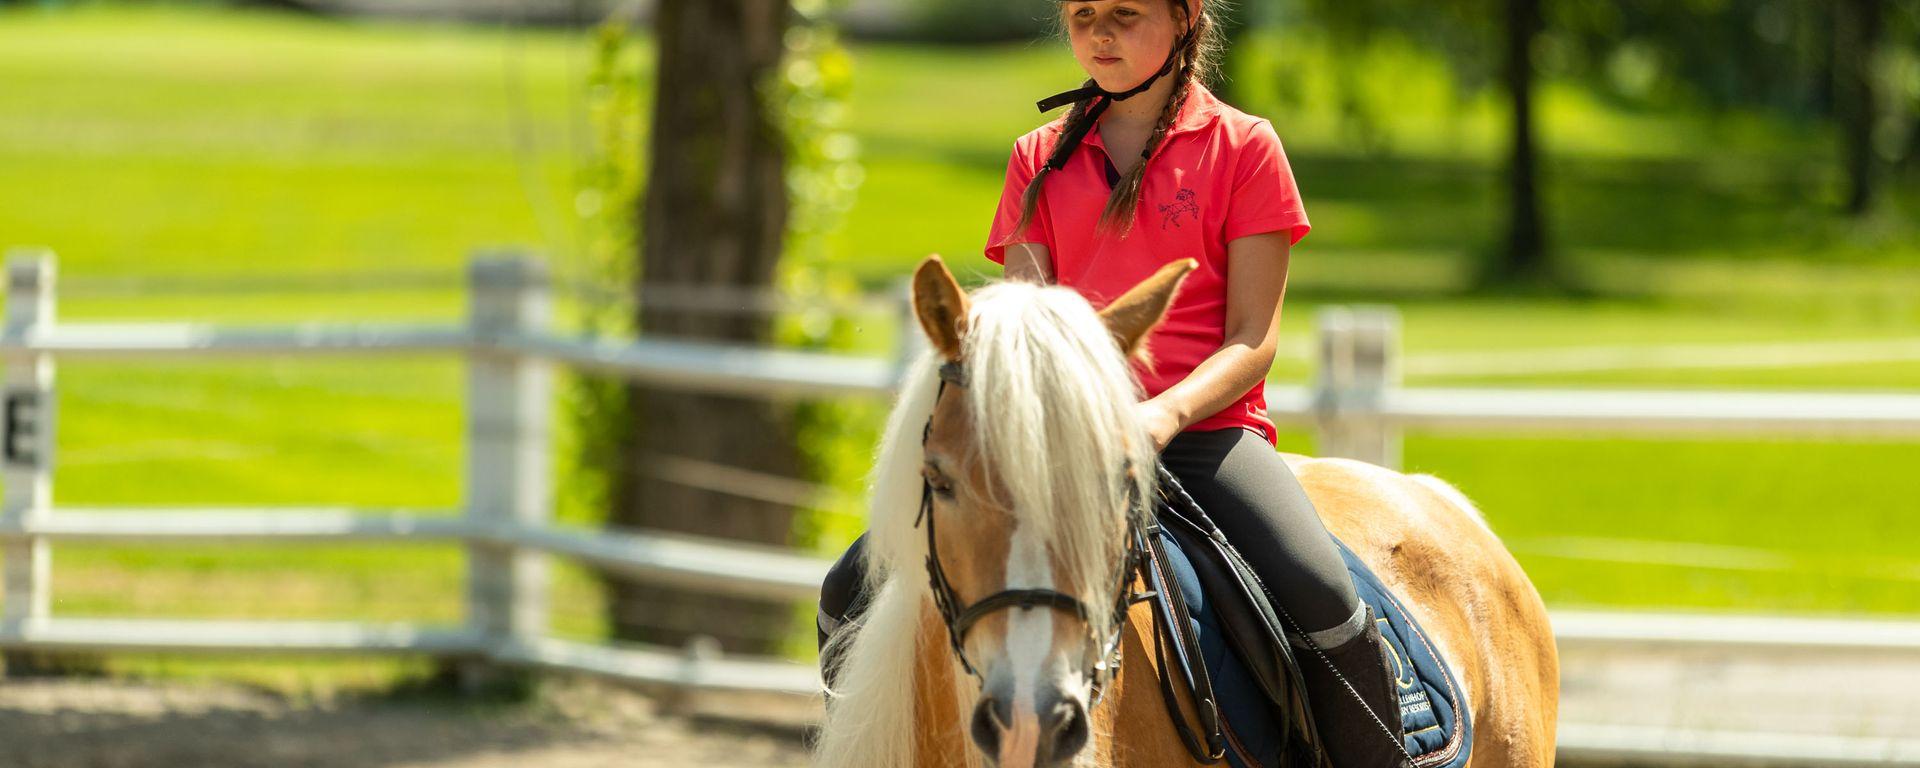 Quellenhof Sport und Familie-Farben-WEB-425-553.jpg